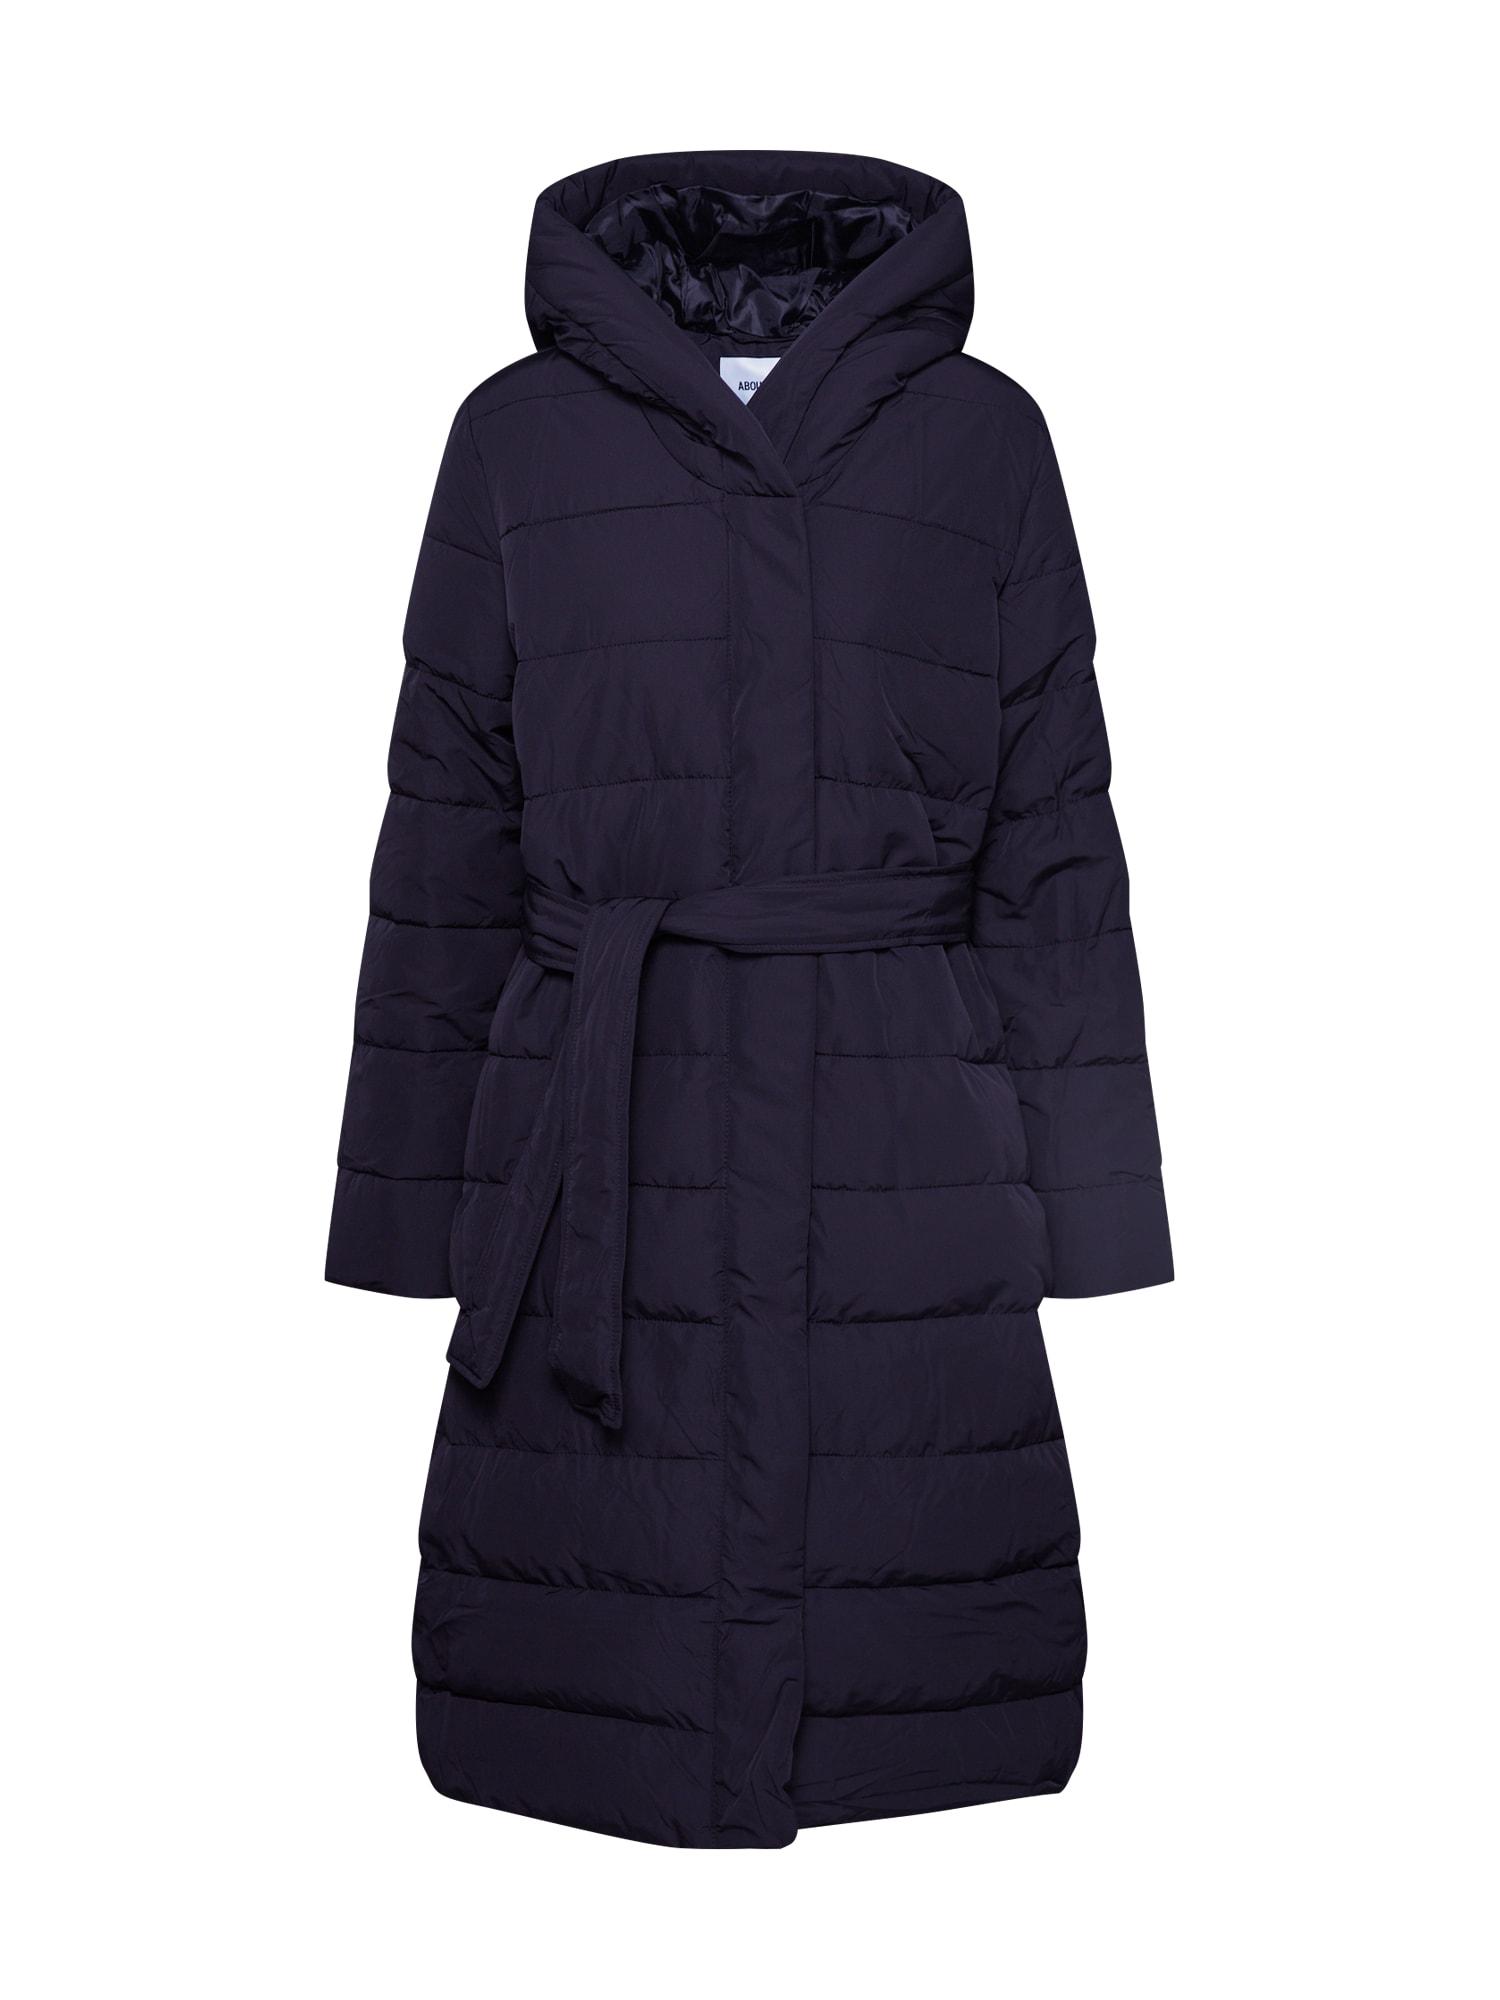 ABOUT YOU Žieminis paltas 'Chadia' juoda